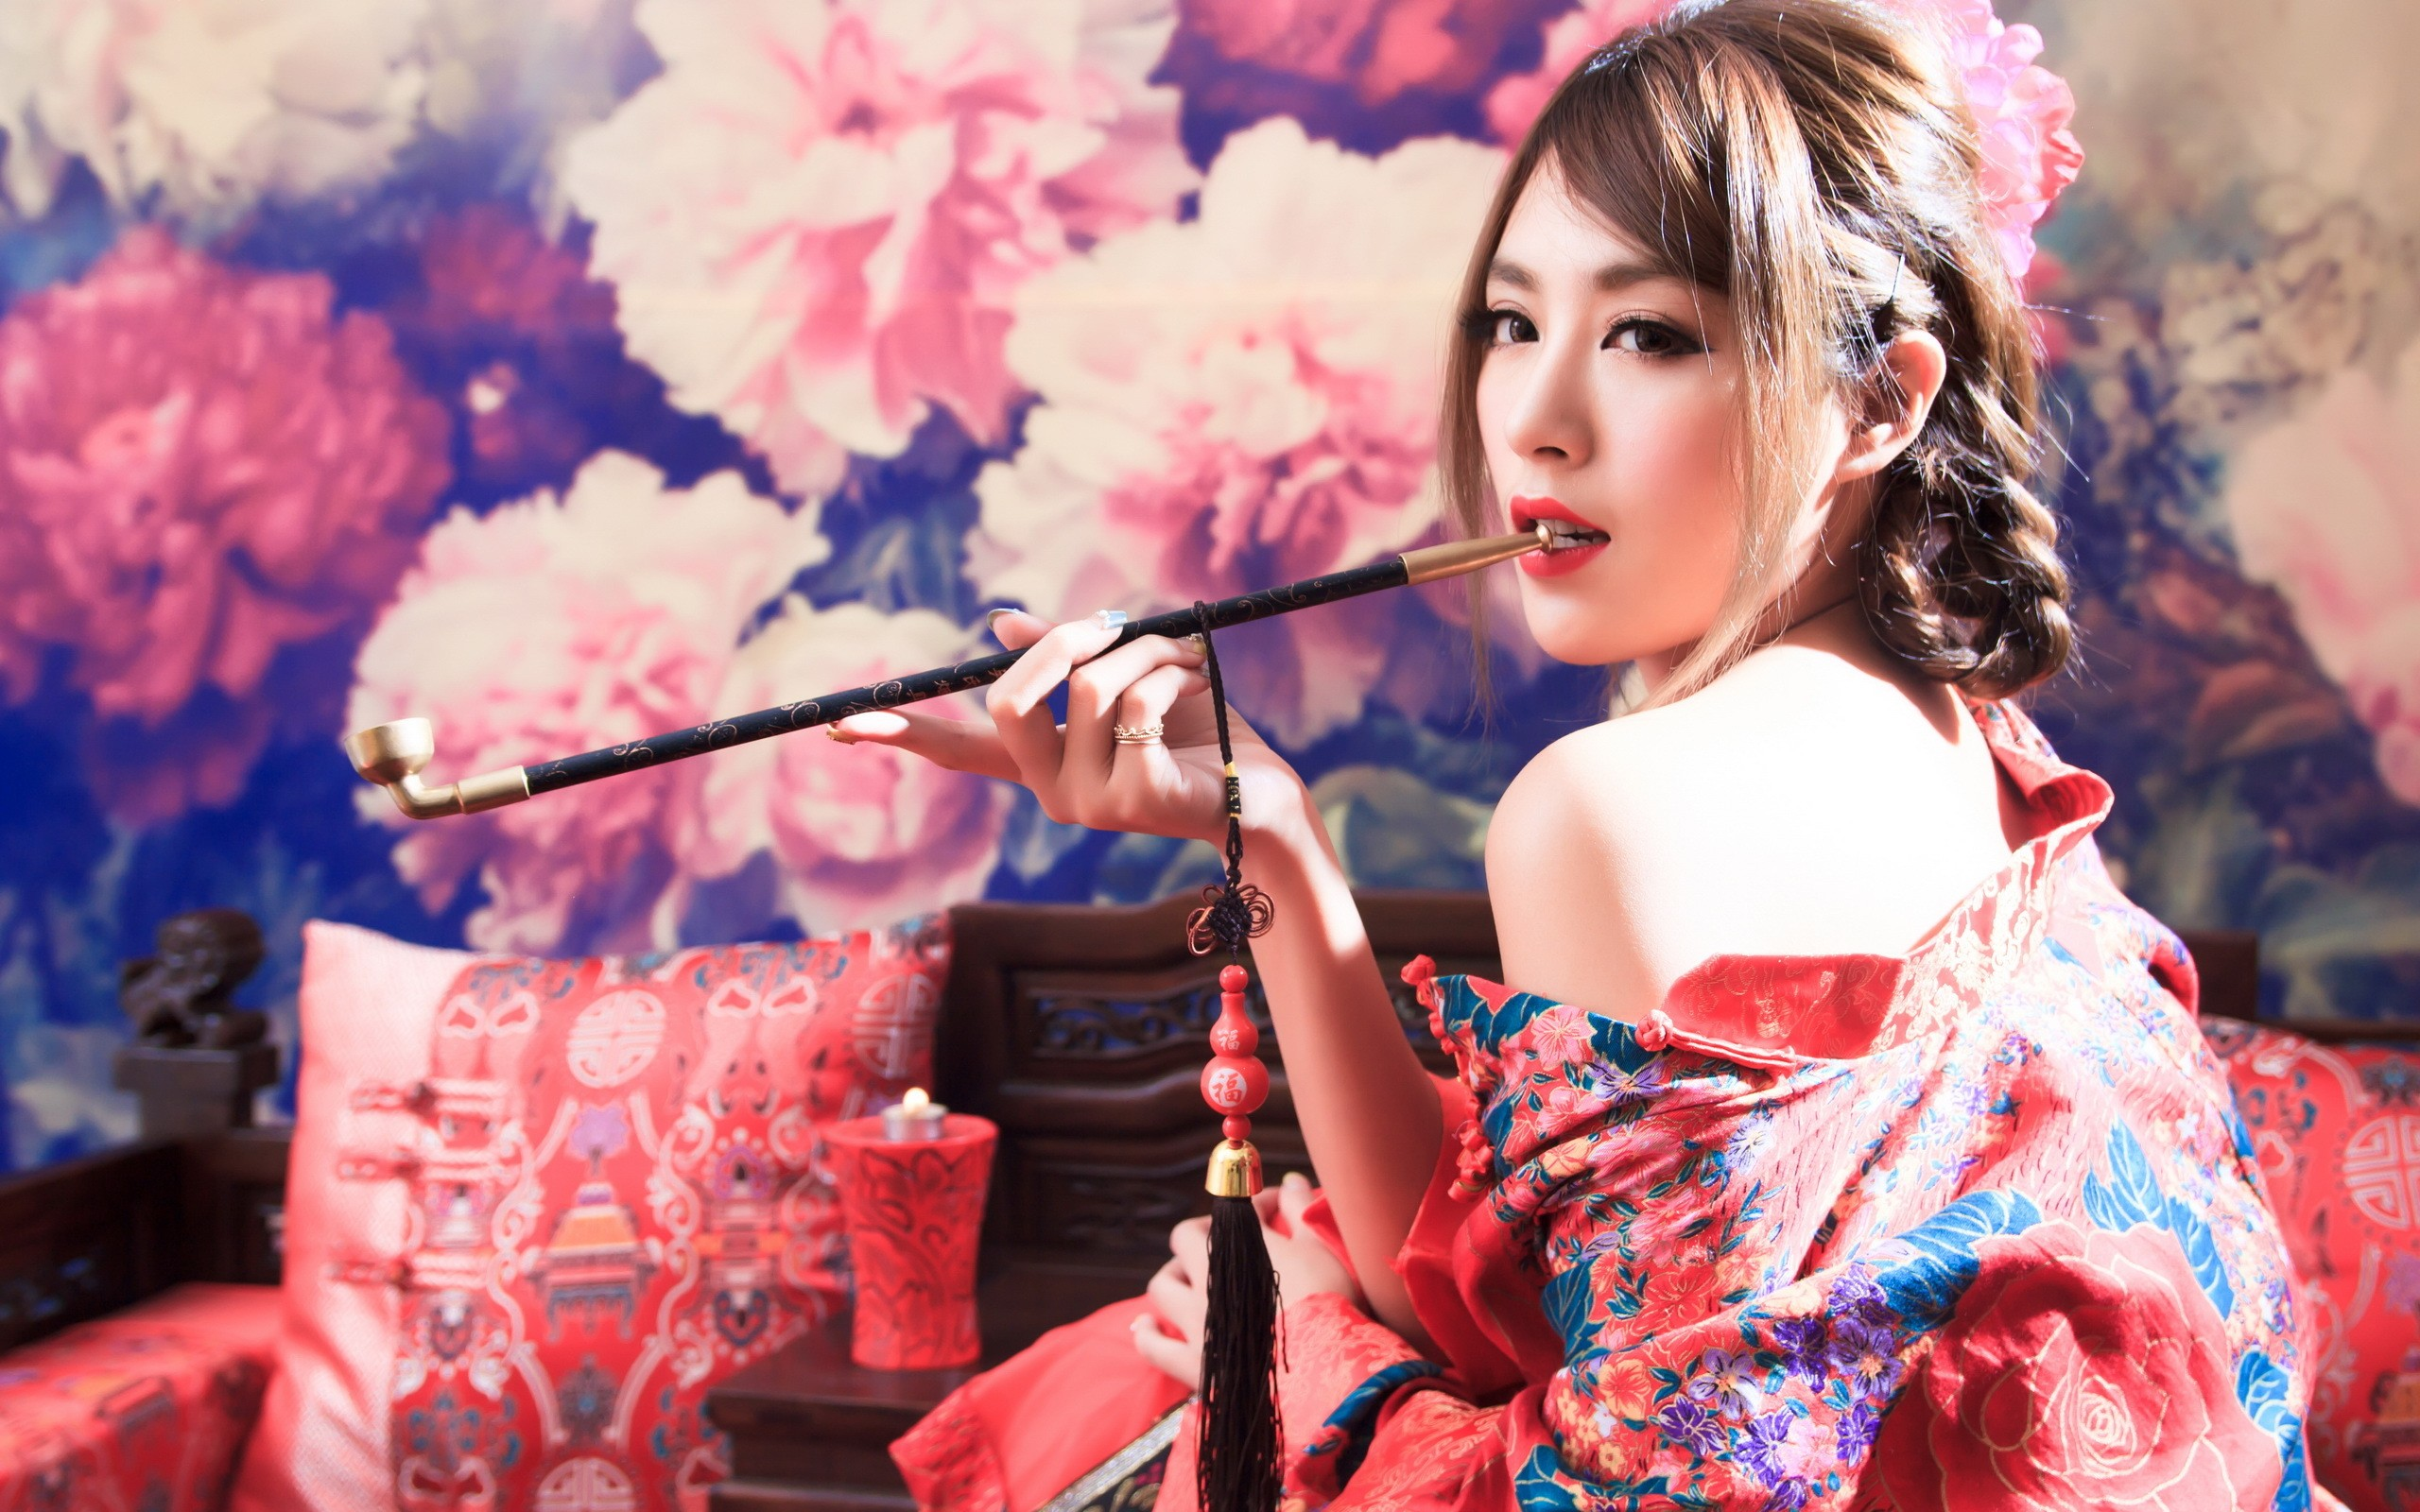 Kimono Anime Girl Android Wallpaper Wallpaper Women Red Asian Smoking Singing Opium